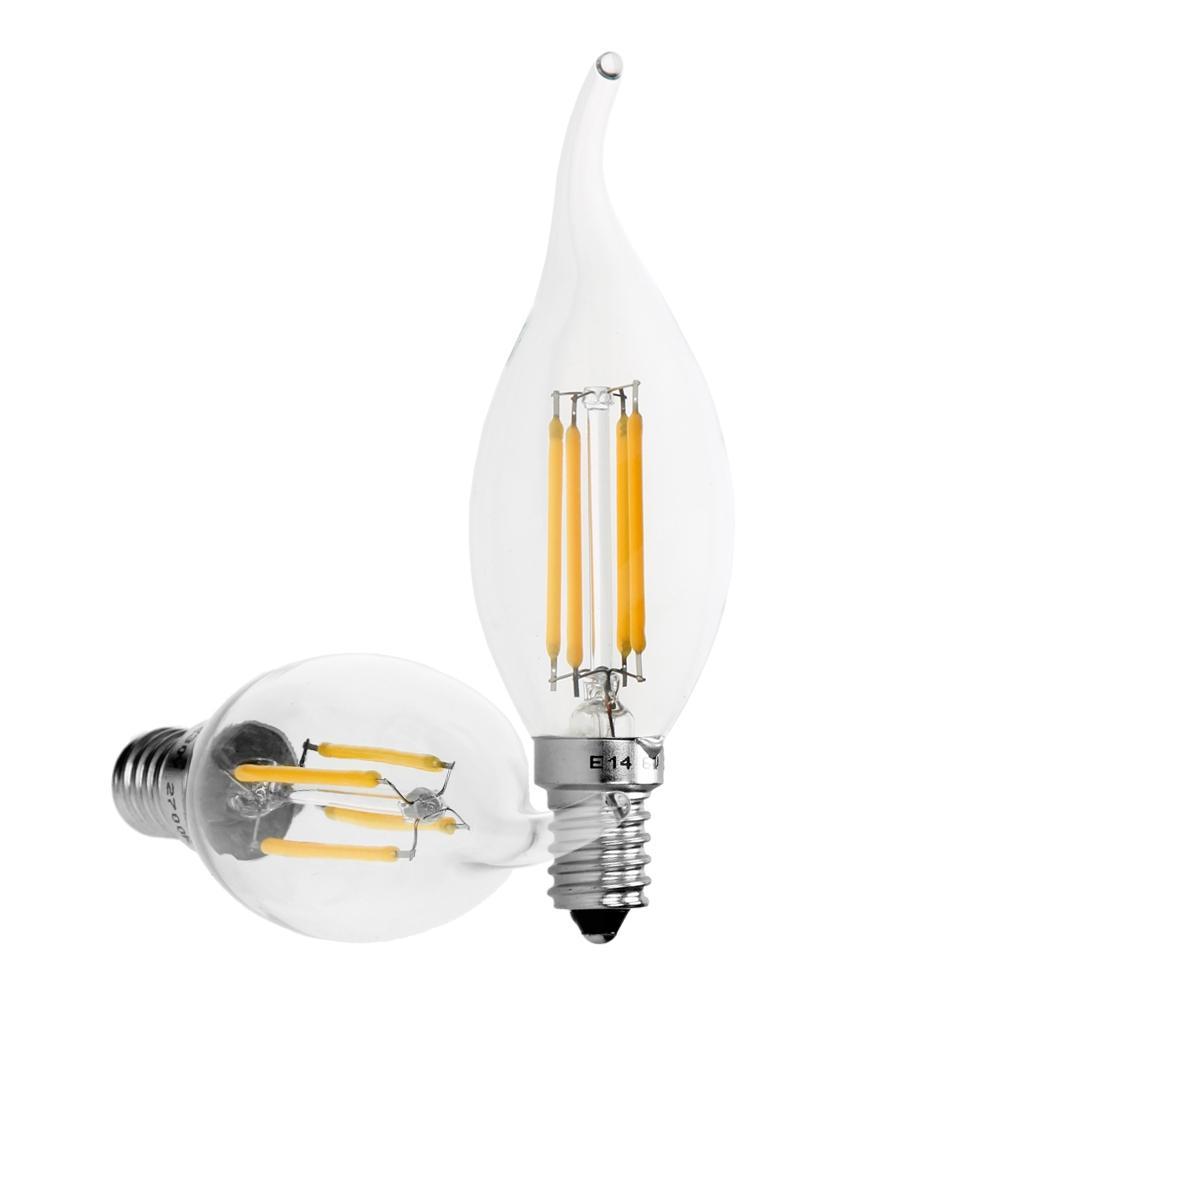 Ecd Germany 5 x Lampe LED rafale de vent filament de bougie E14 4W blanc chaud